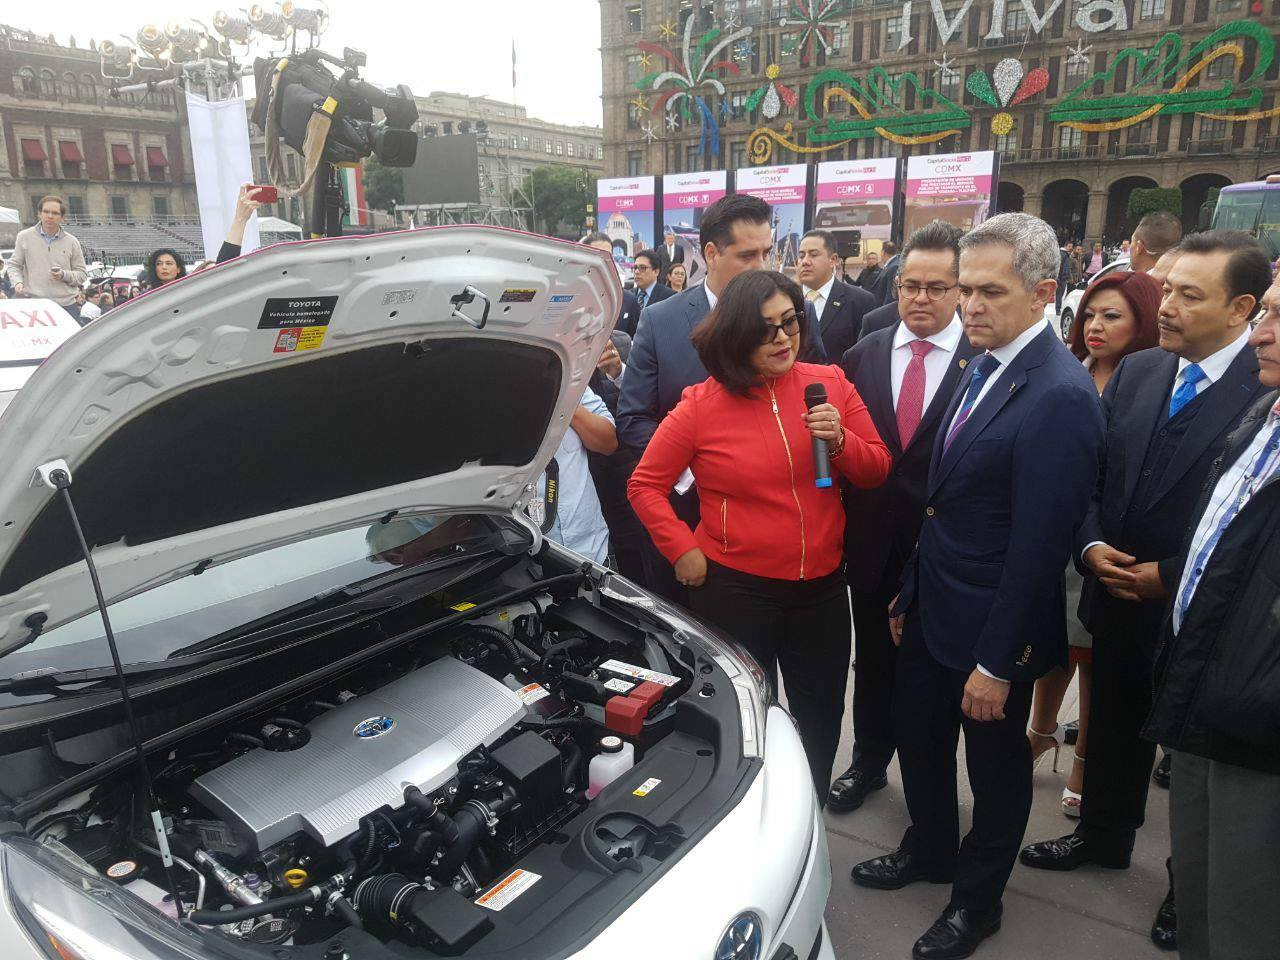 Entrevista al Secretario de Movilidad, Héctor Serrano, en el marco del banderazo de salida de taxis híbridos.